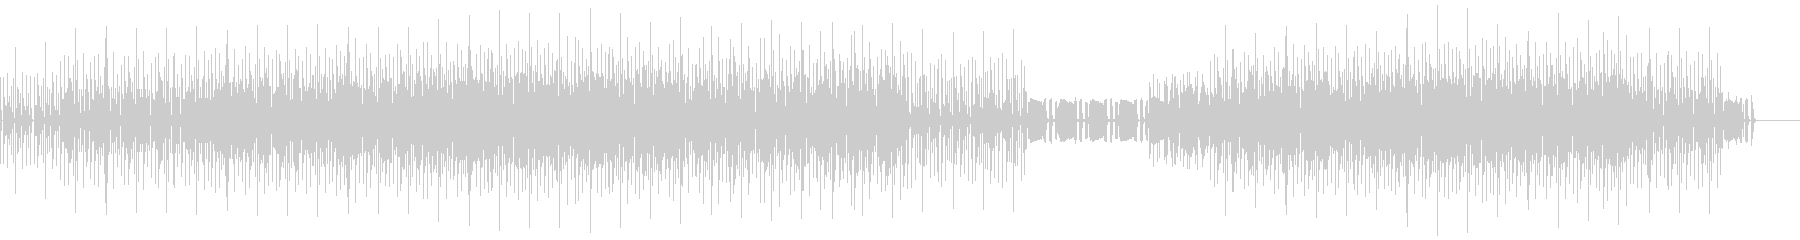 タフな印象のする音を使ったテクノロックの未再生の波形